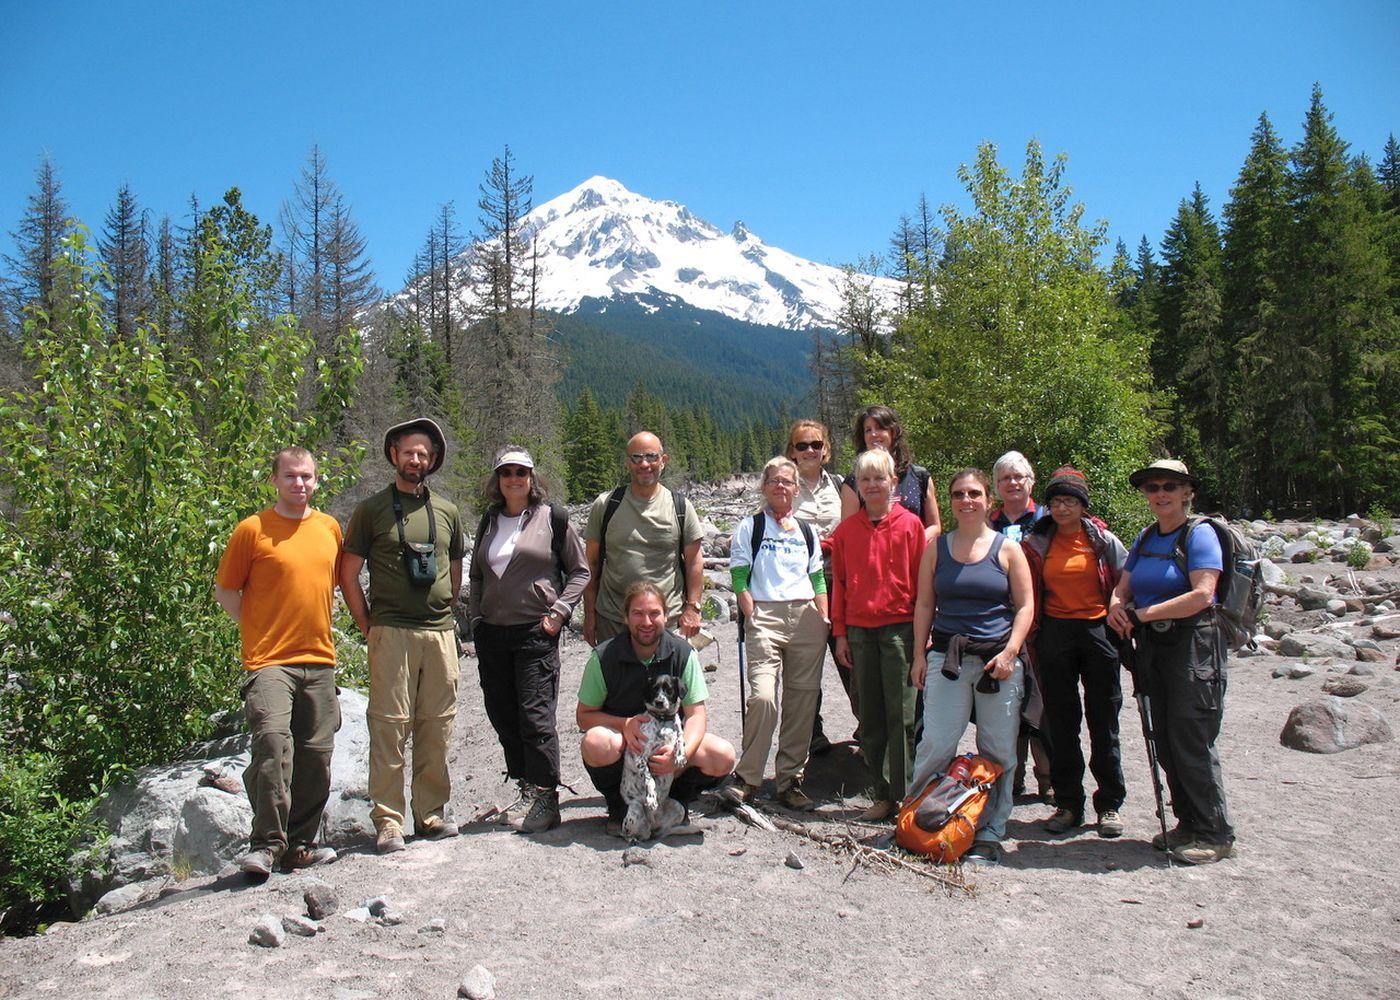 20s 30s Backpack Timberline Trail Mt  Hood | Sierra Club Outings